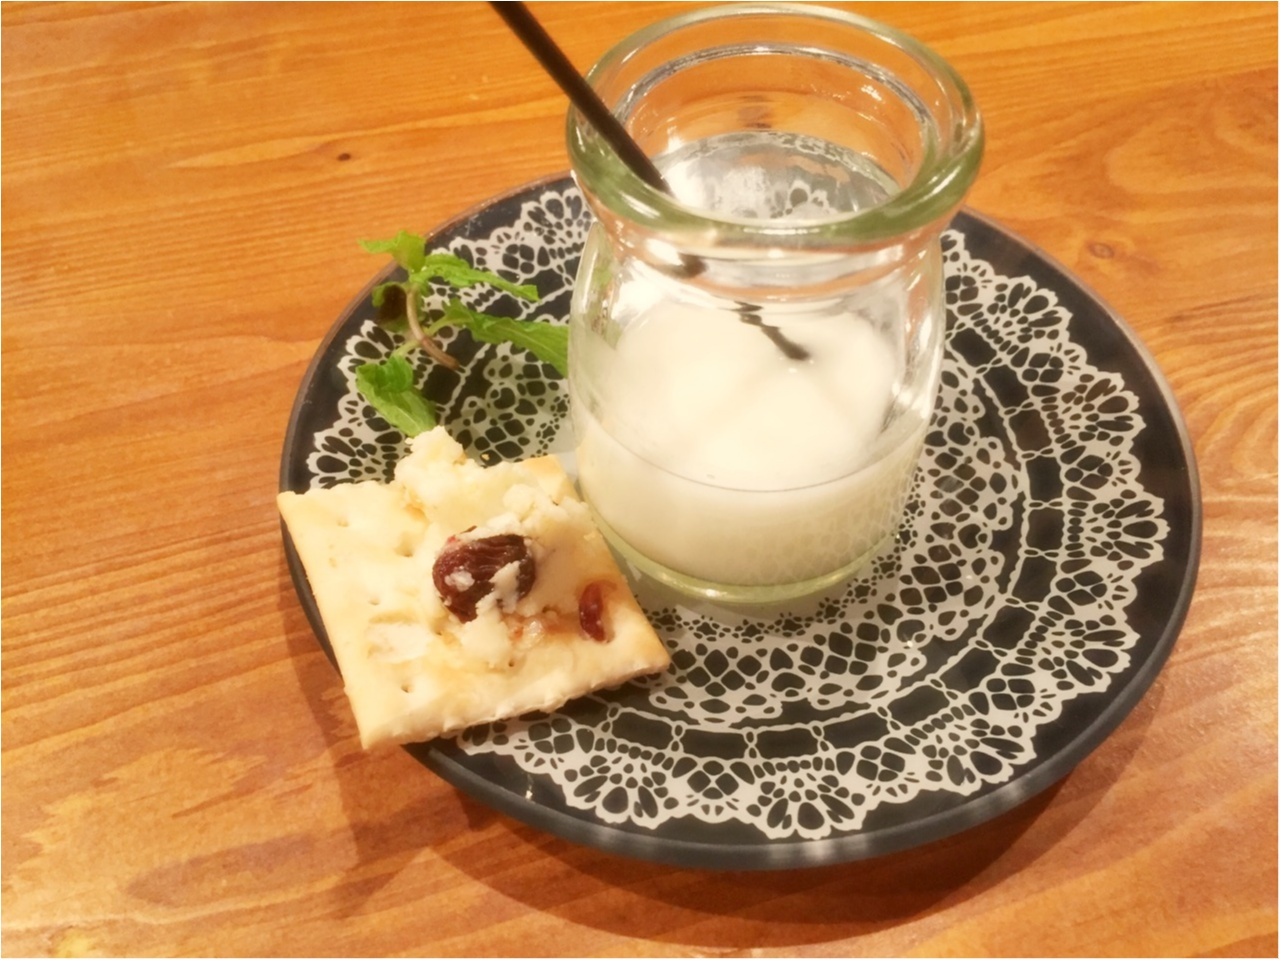 チーズ好き!お肉好き!には盛り上がること間違いナシ!!【CCCチーズチーズカフェ渋谷】が女子会におすすめ♡*_3